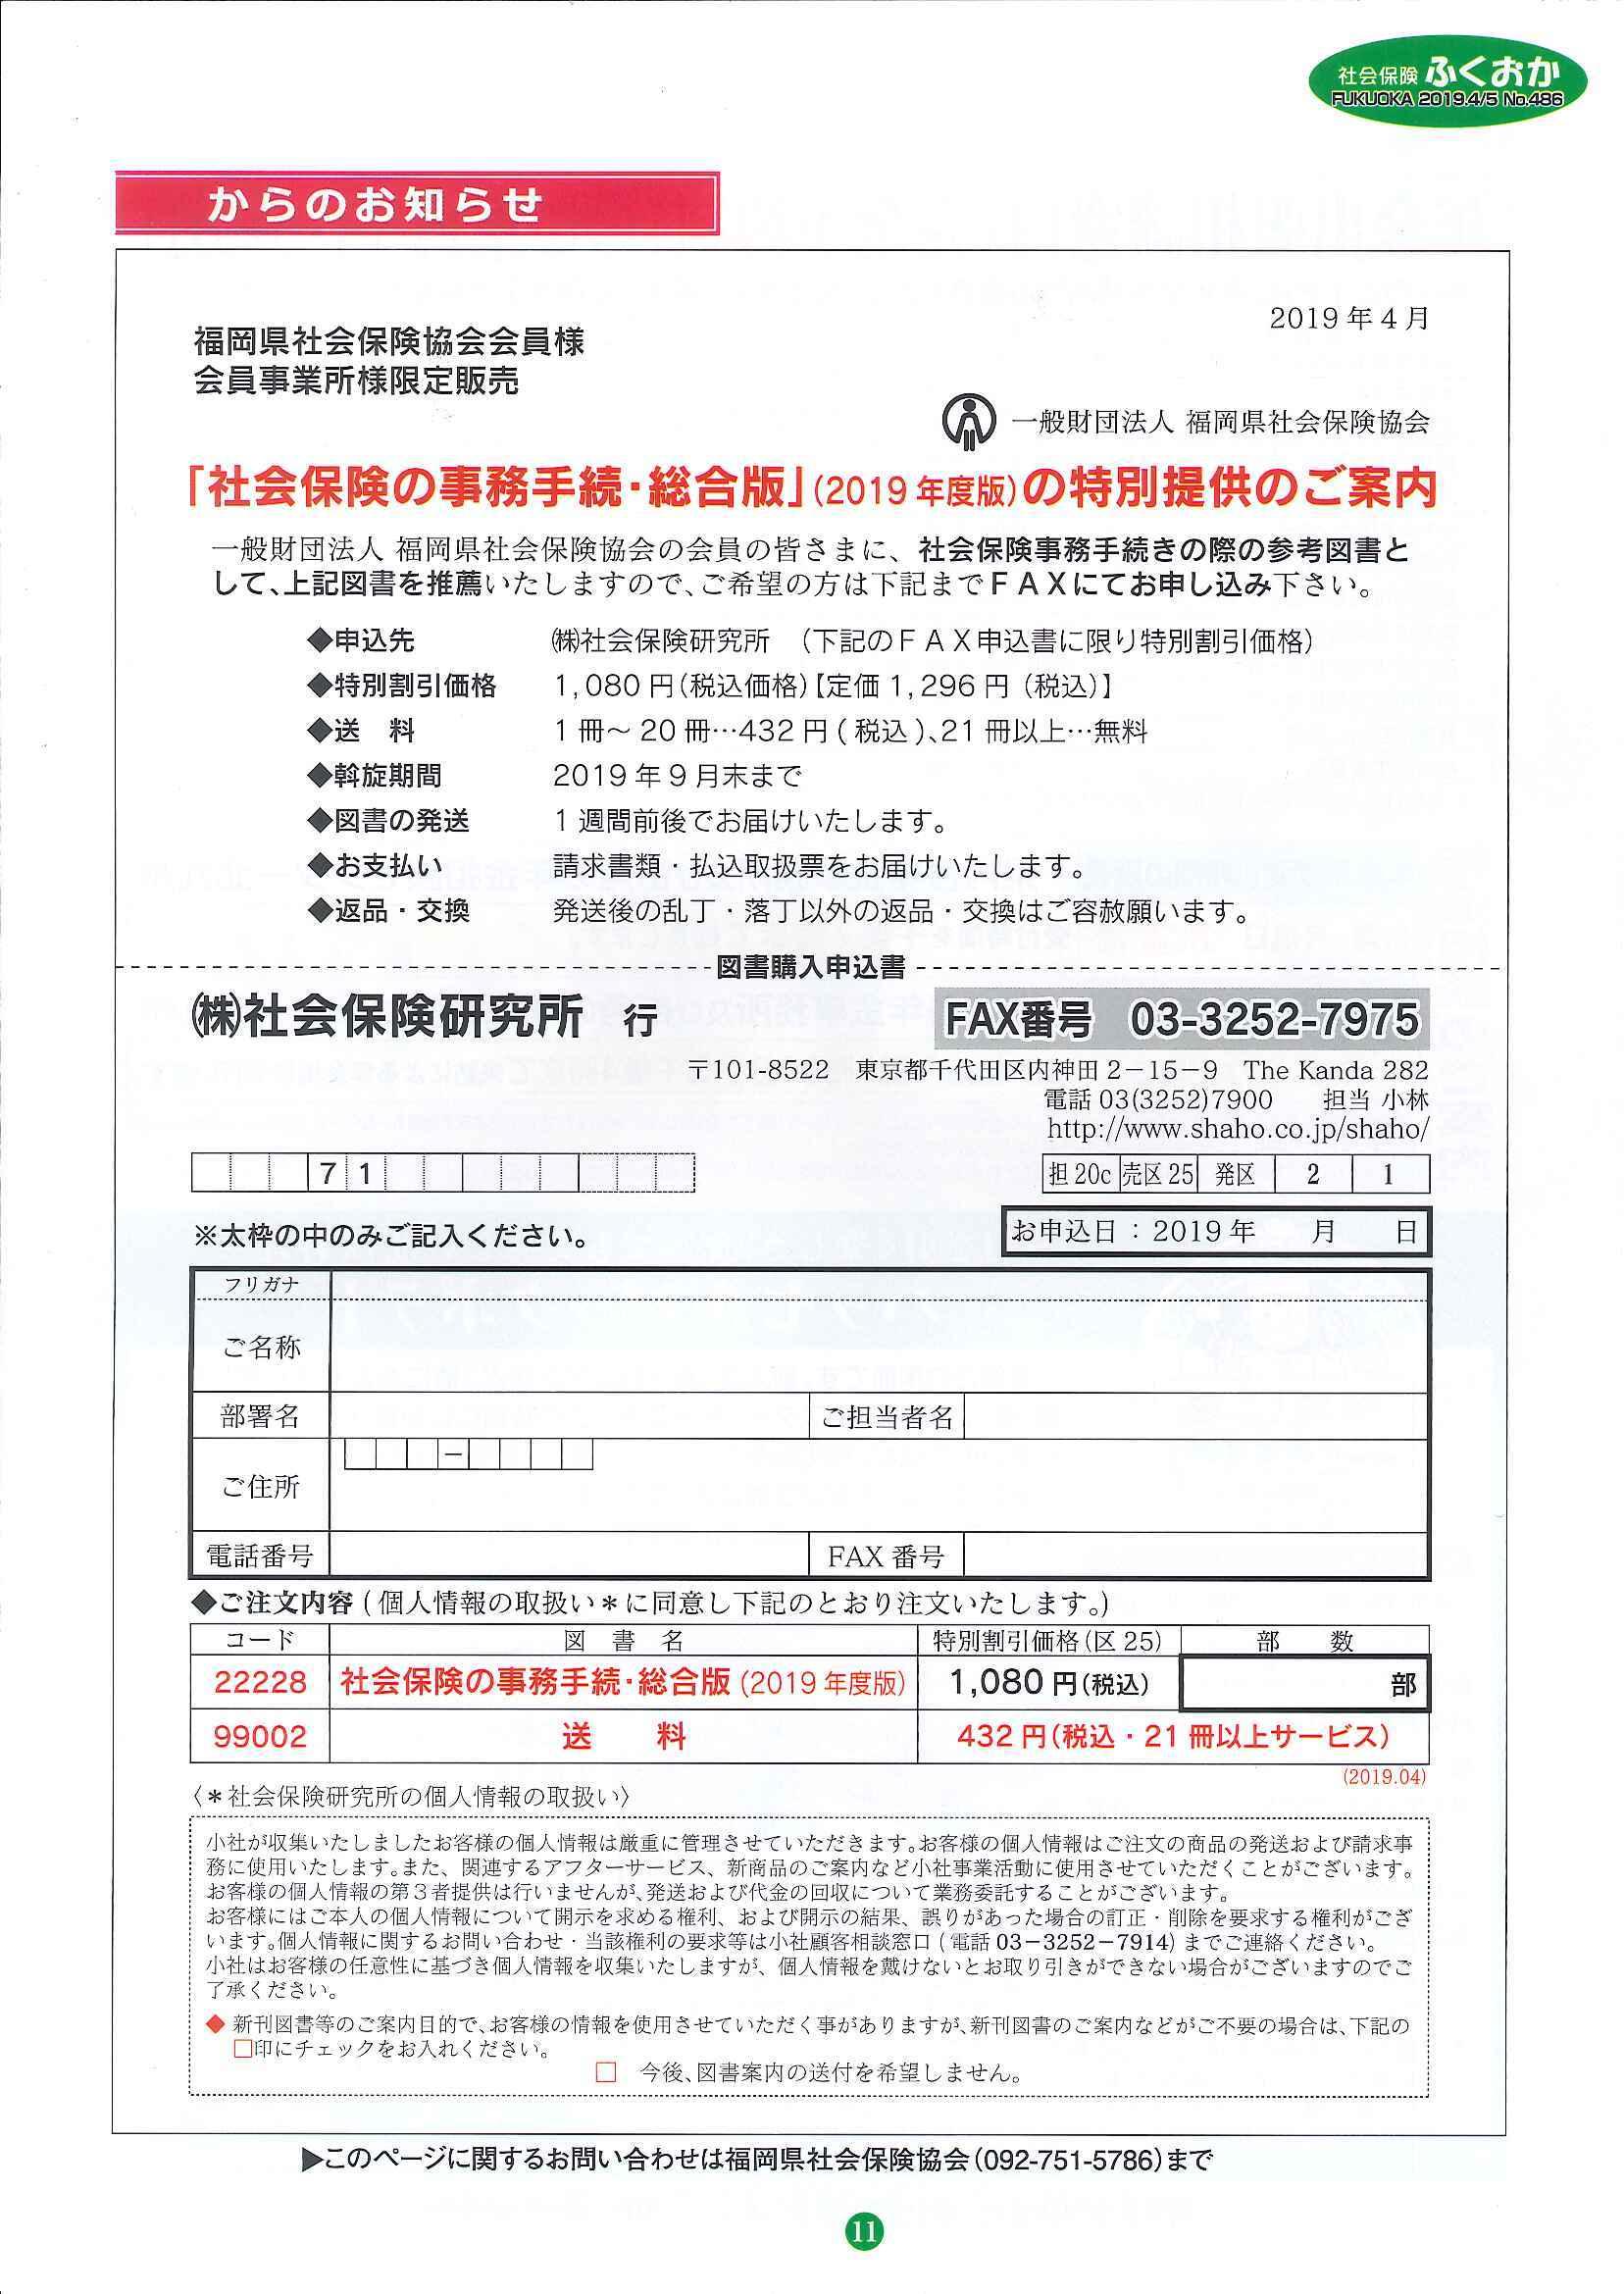 社会保険 ふくおか 2019年4・5月号_f0120774_15092114.jpg